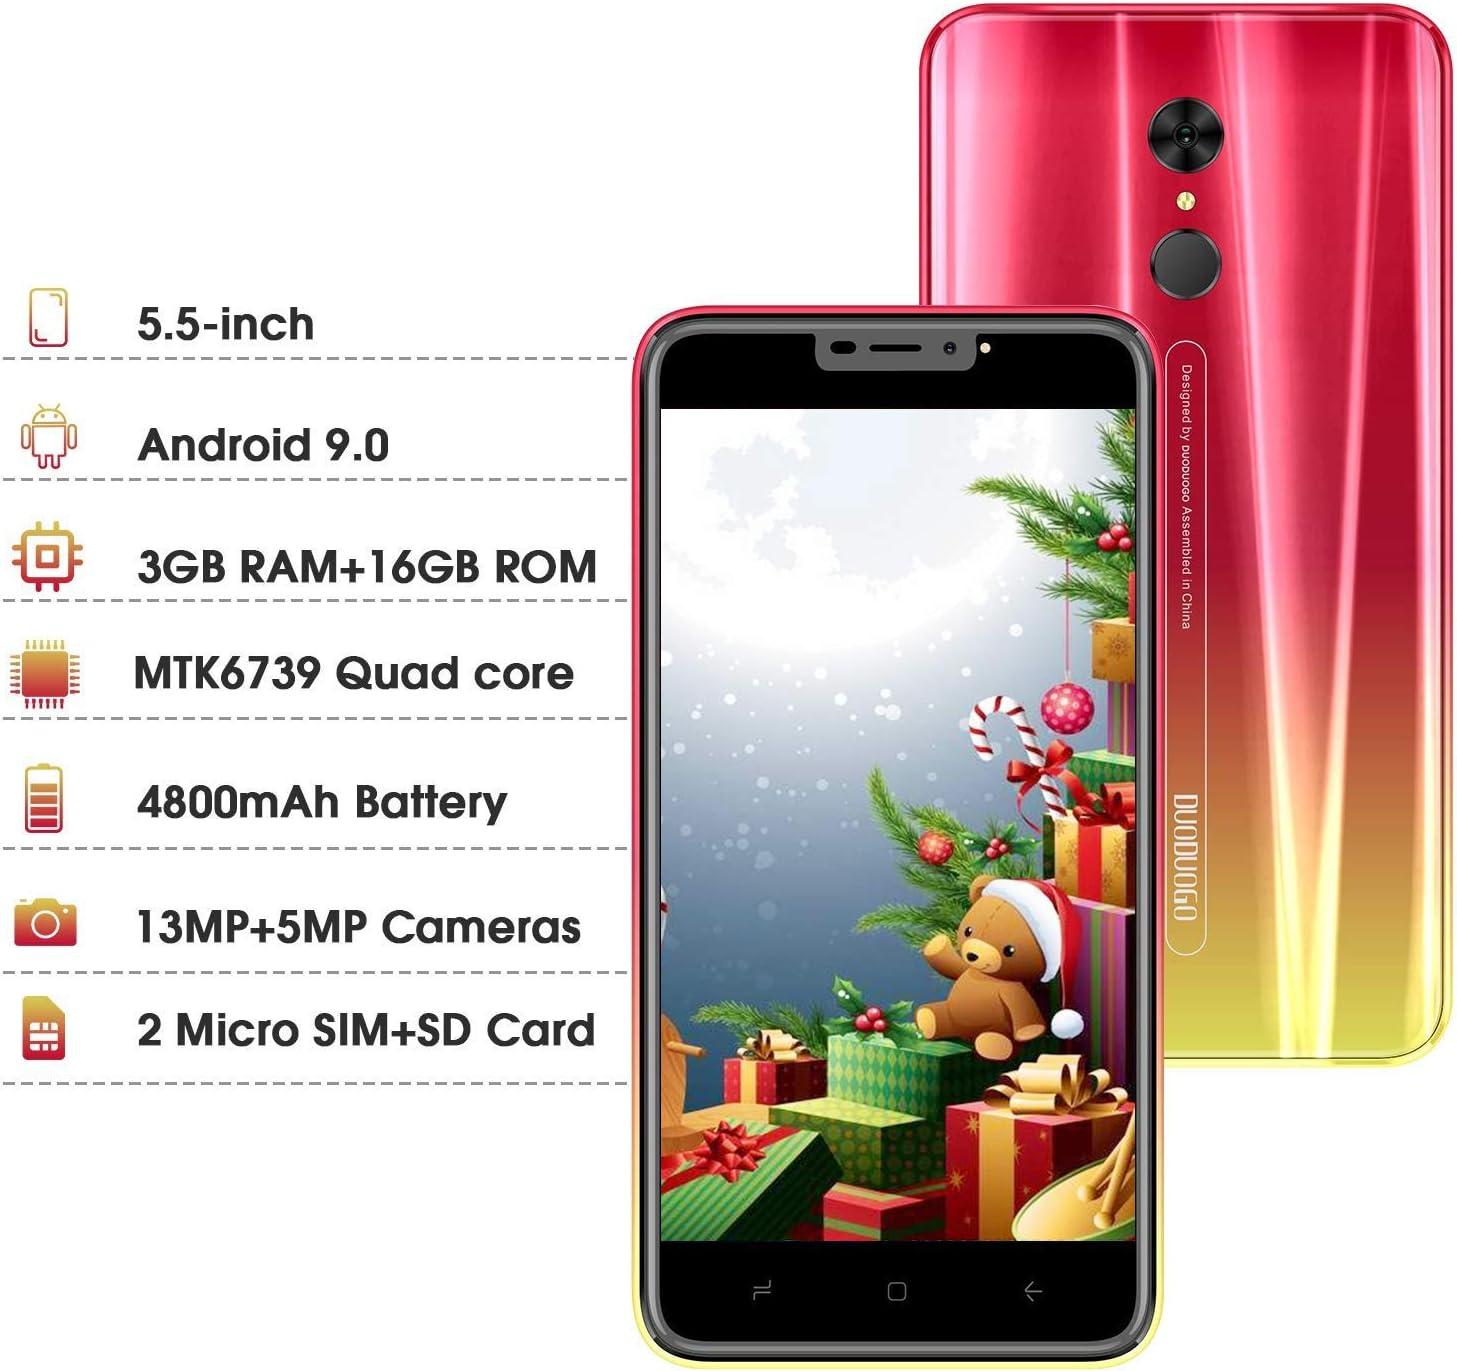 Moviles Libres 4G, Smartphone Libre Dual SIM 5.5 Pulgadas Android 9.0 Quad Core 3GB RAM+16GB ROM (Escalable 128 GB) Moviles 4800mAh Batería Cámara 13MP+5MP Moviles Buenos (Rojo): Amazon.es: Electrónica